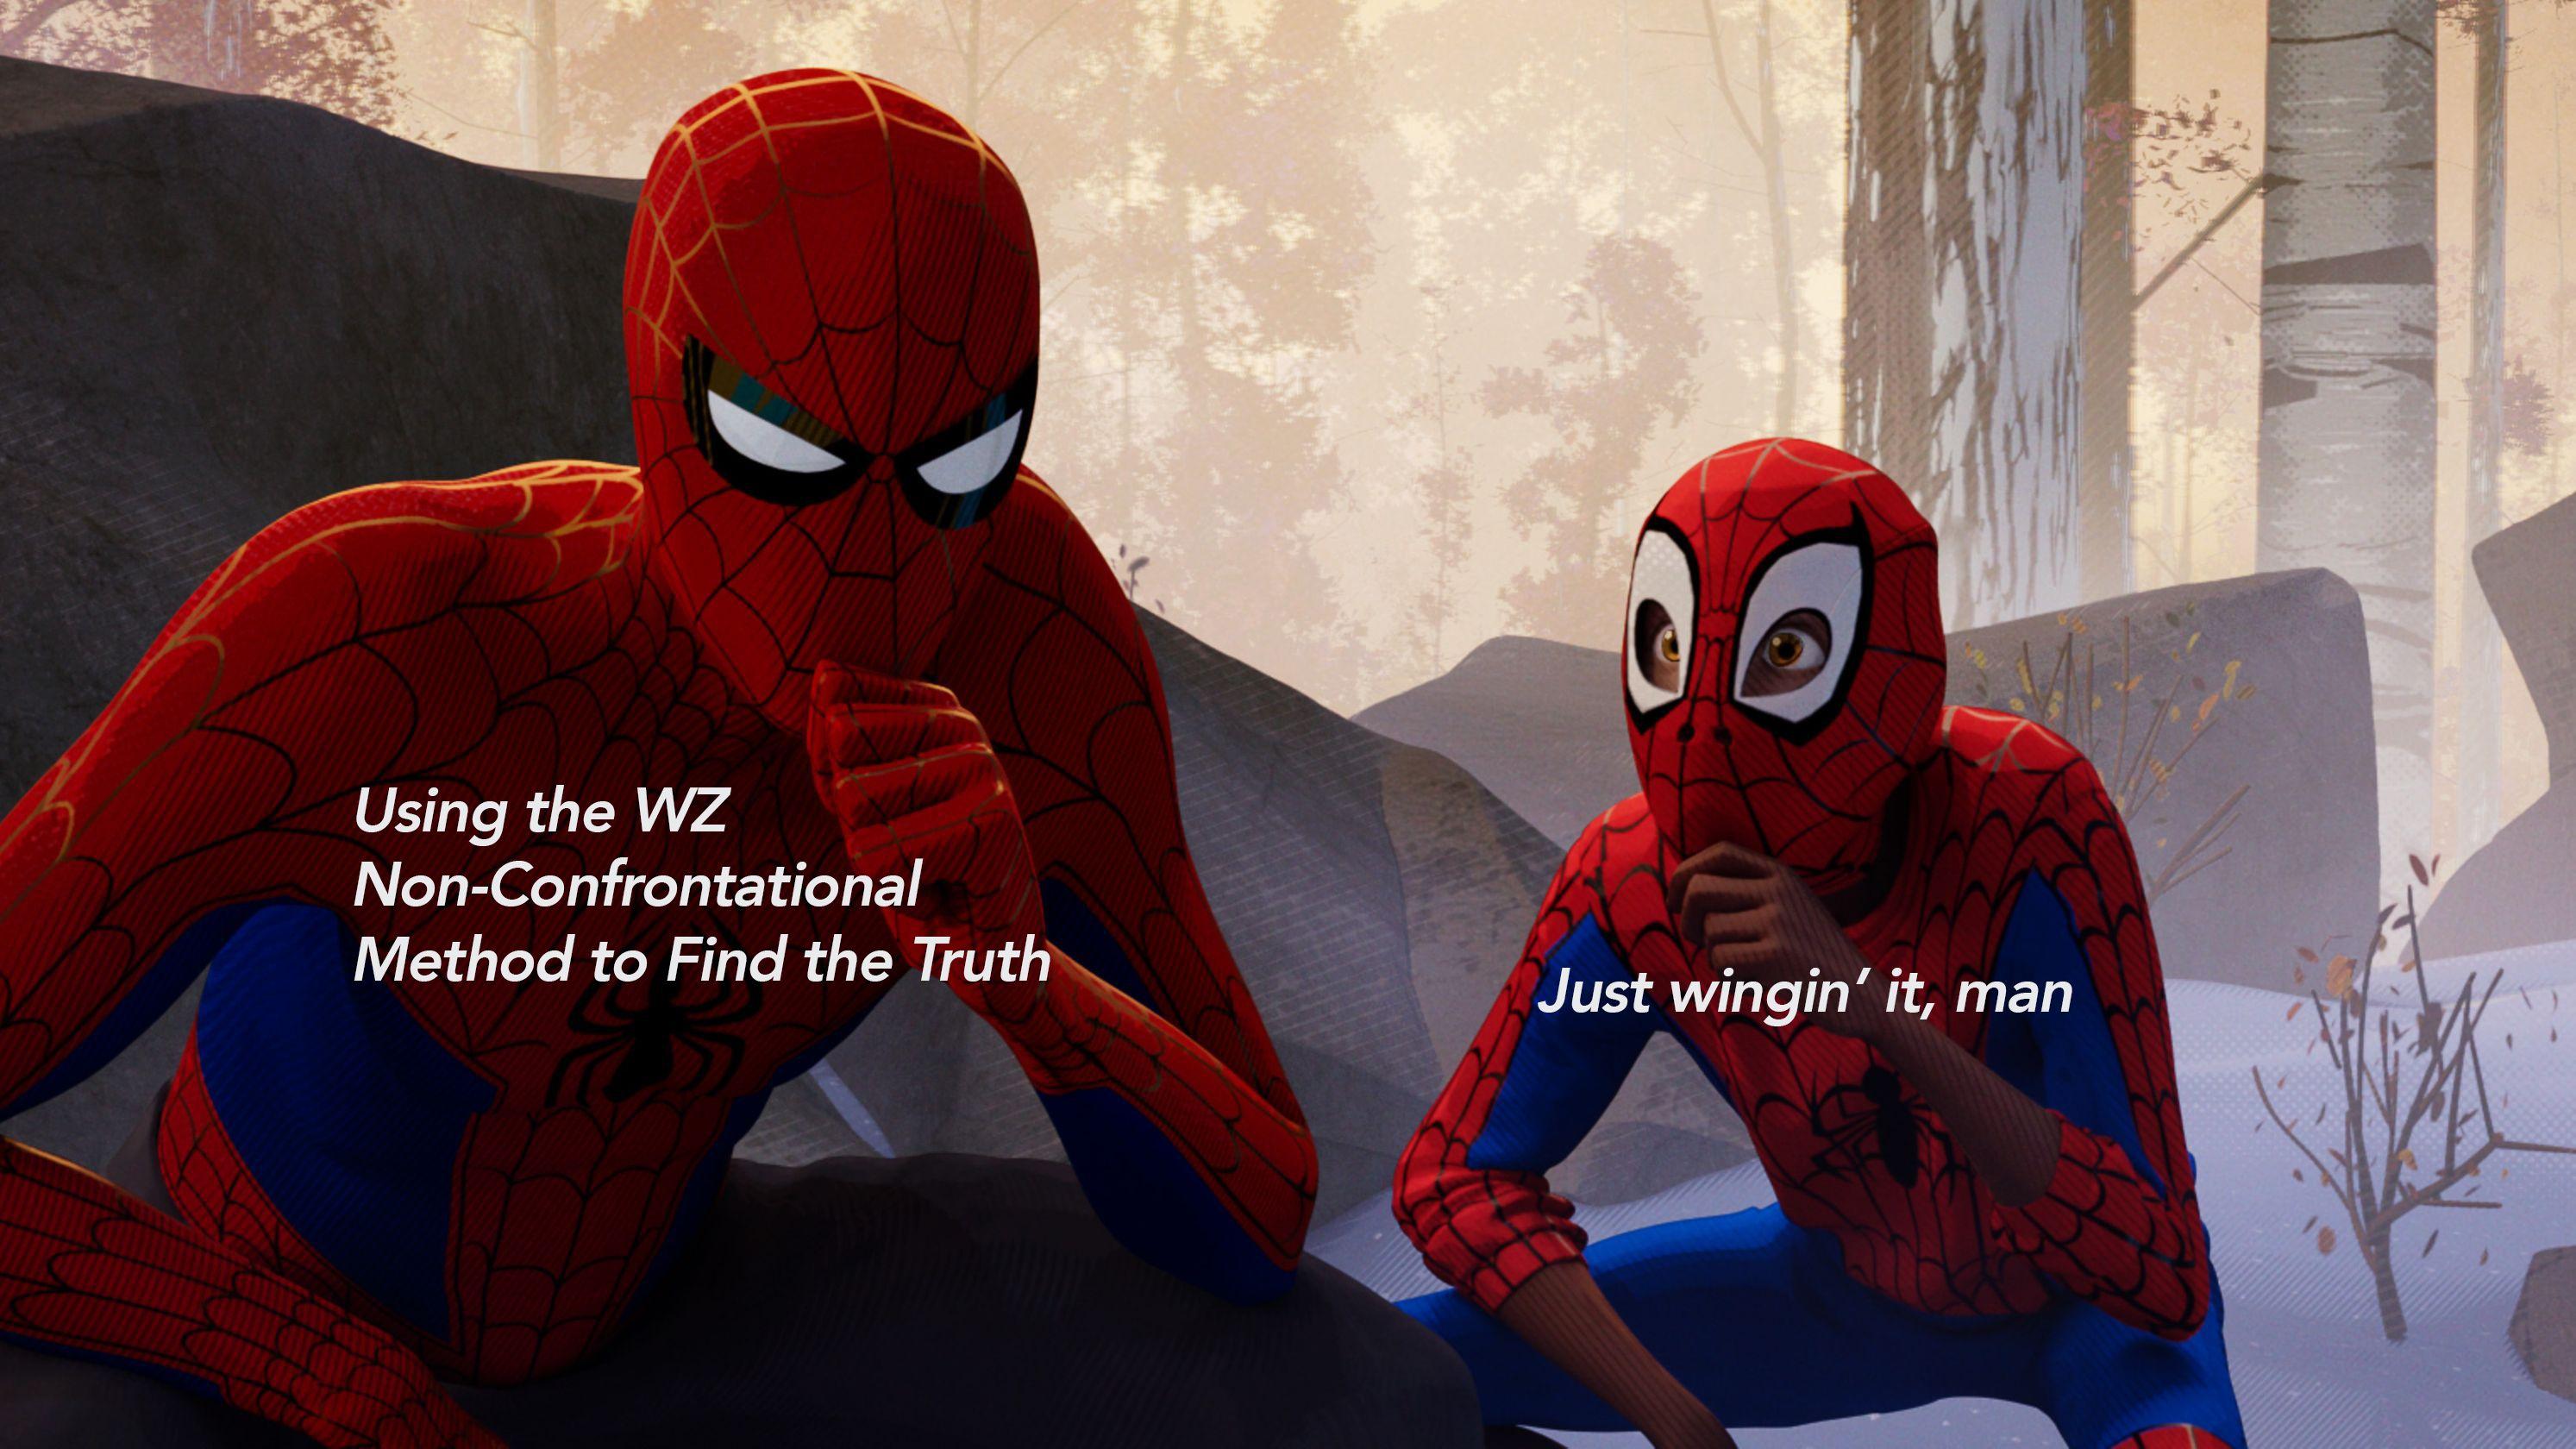 Pin by WicklanderZulawski & Associat on WZ Memes Retro